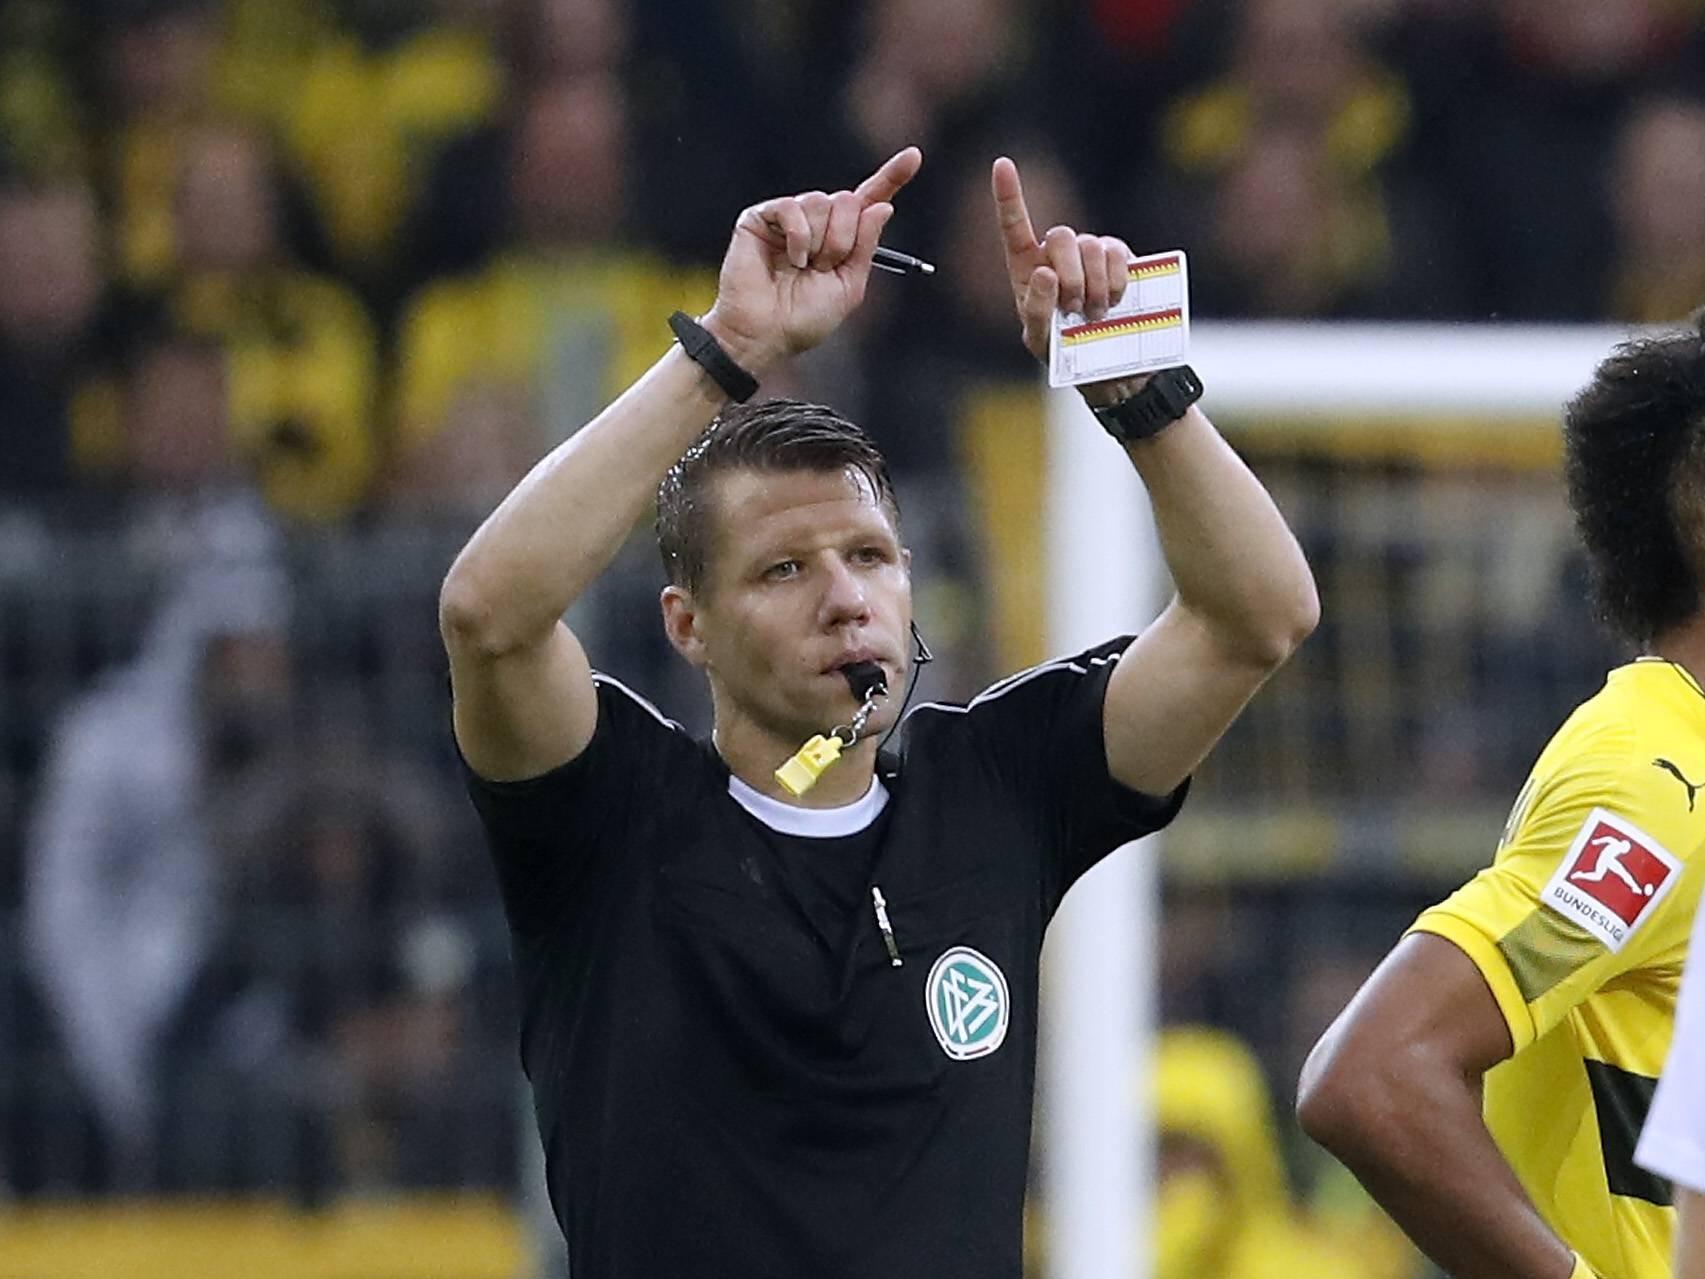 «Стерлинг подставлялся»: что говорят действующие и бывшие арбитры о пенальти в ворота сборной Дании